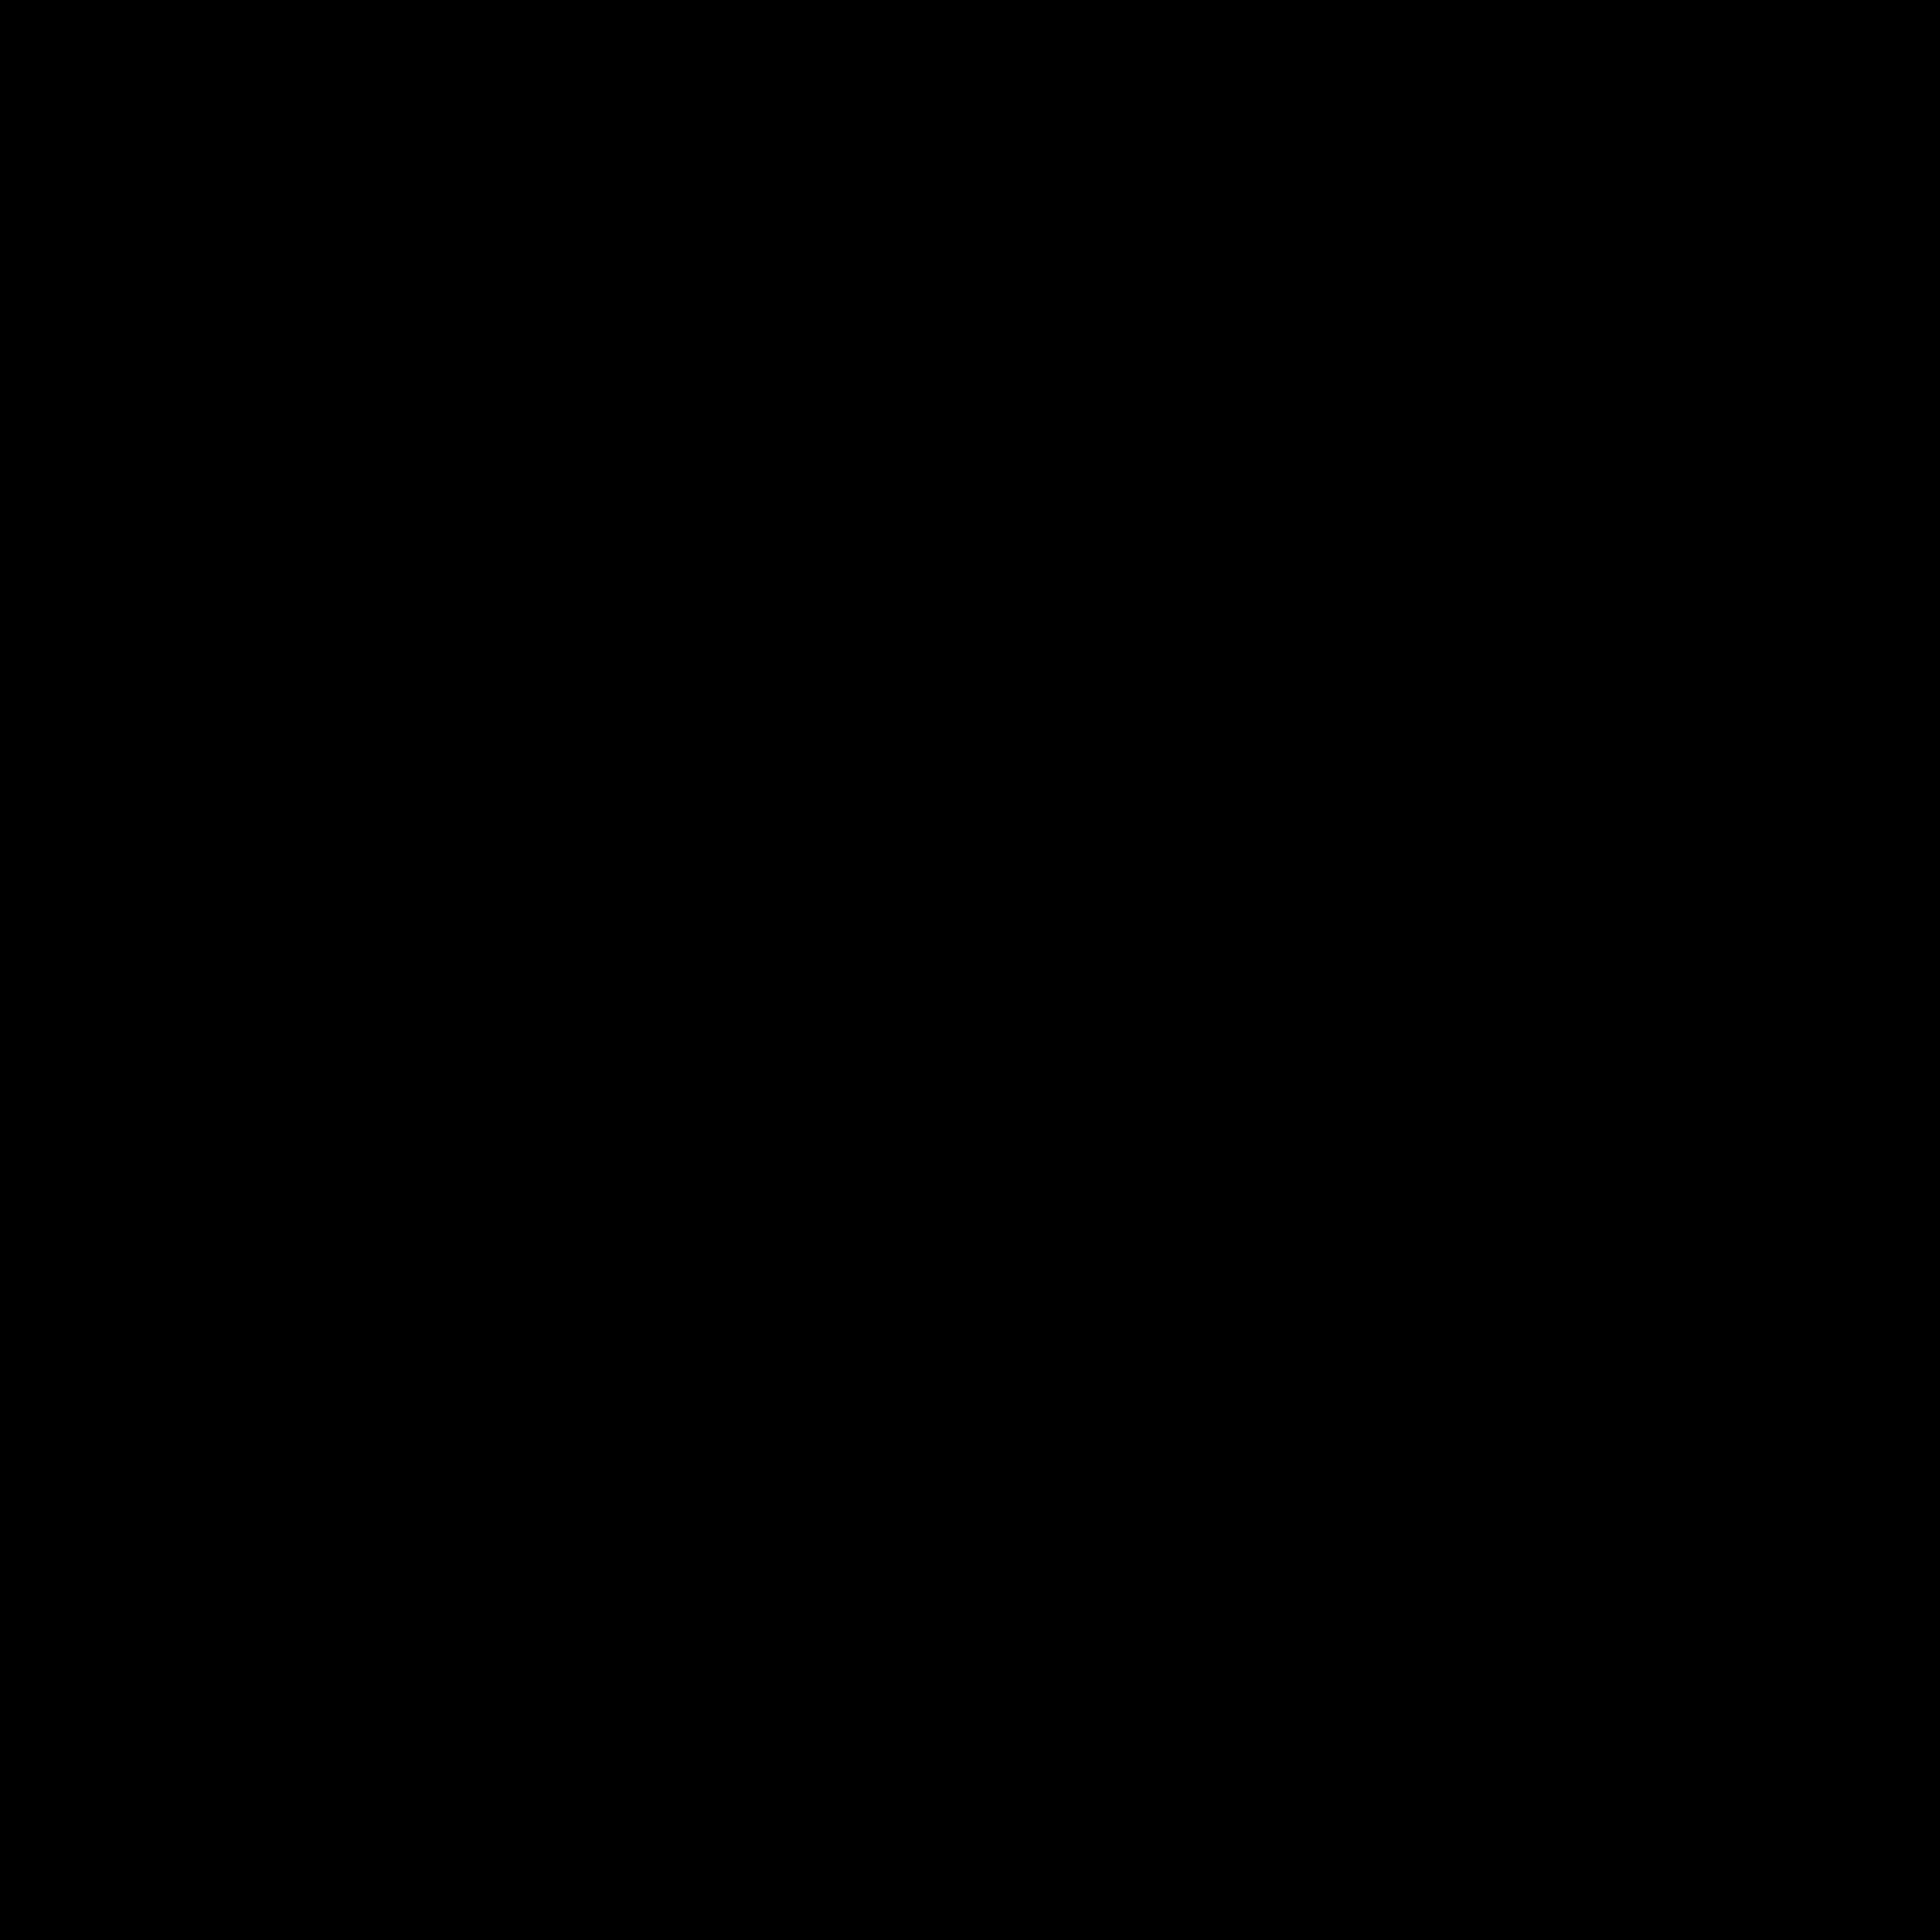 valorant logo 0 - Valorant Logo